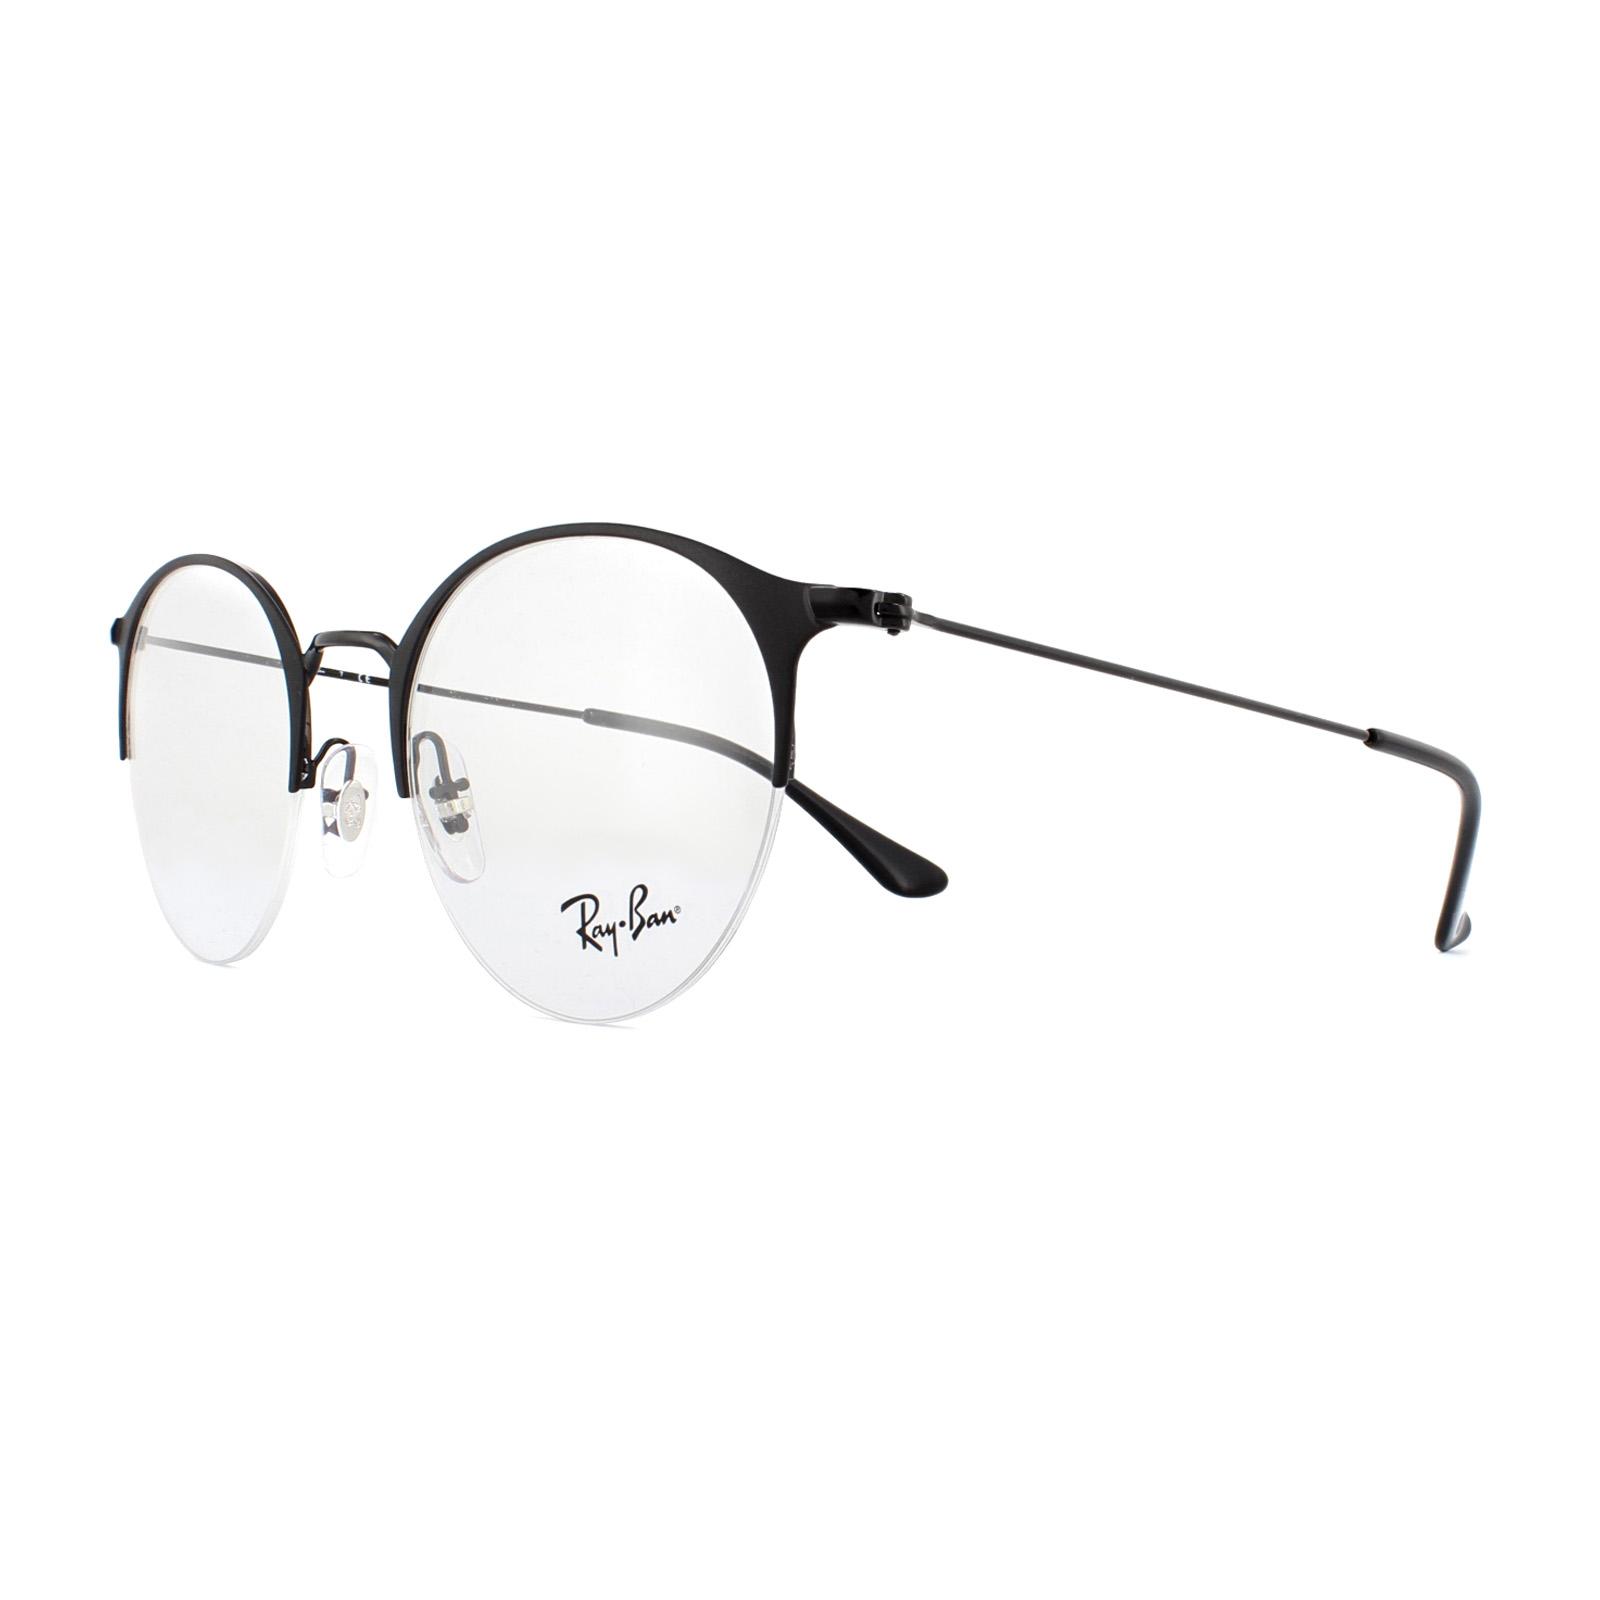 776f51ee17d Ray-Ban Glasses Frames 3578V 2904 Matte Black 50mm 8053672784992